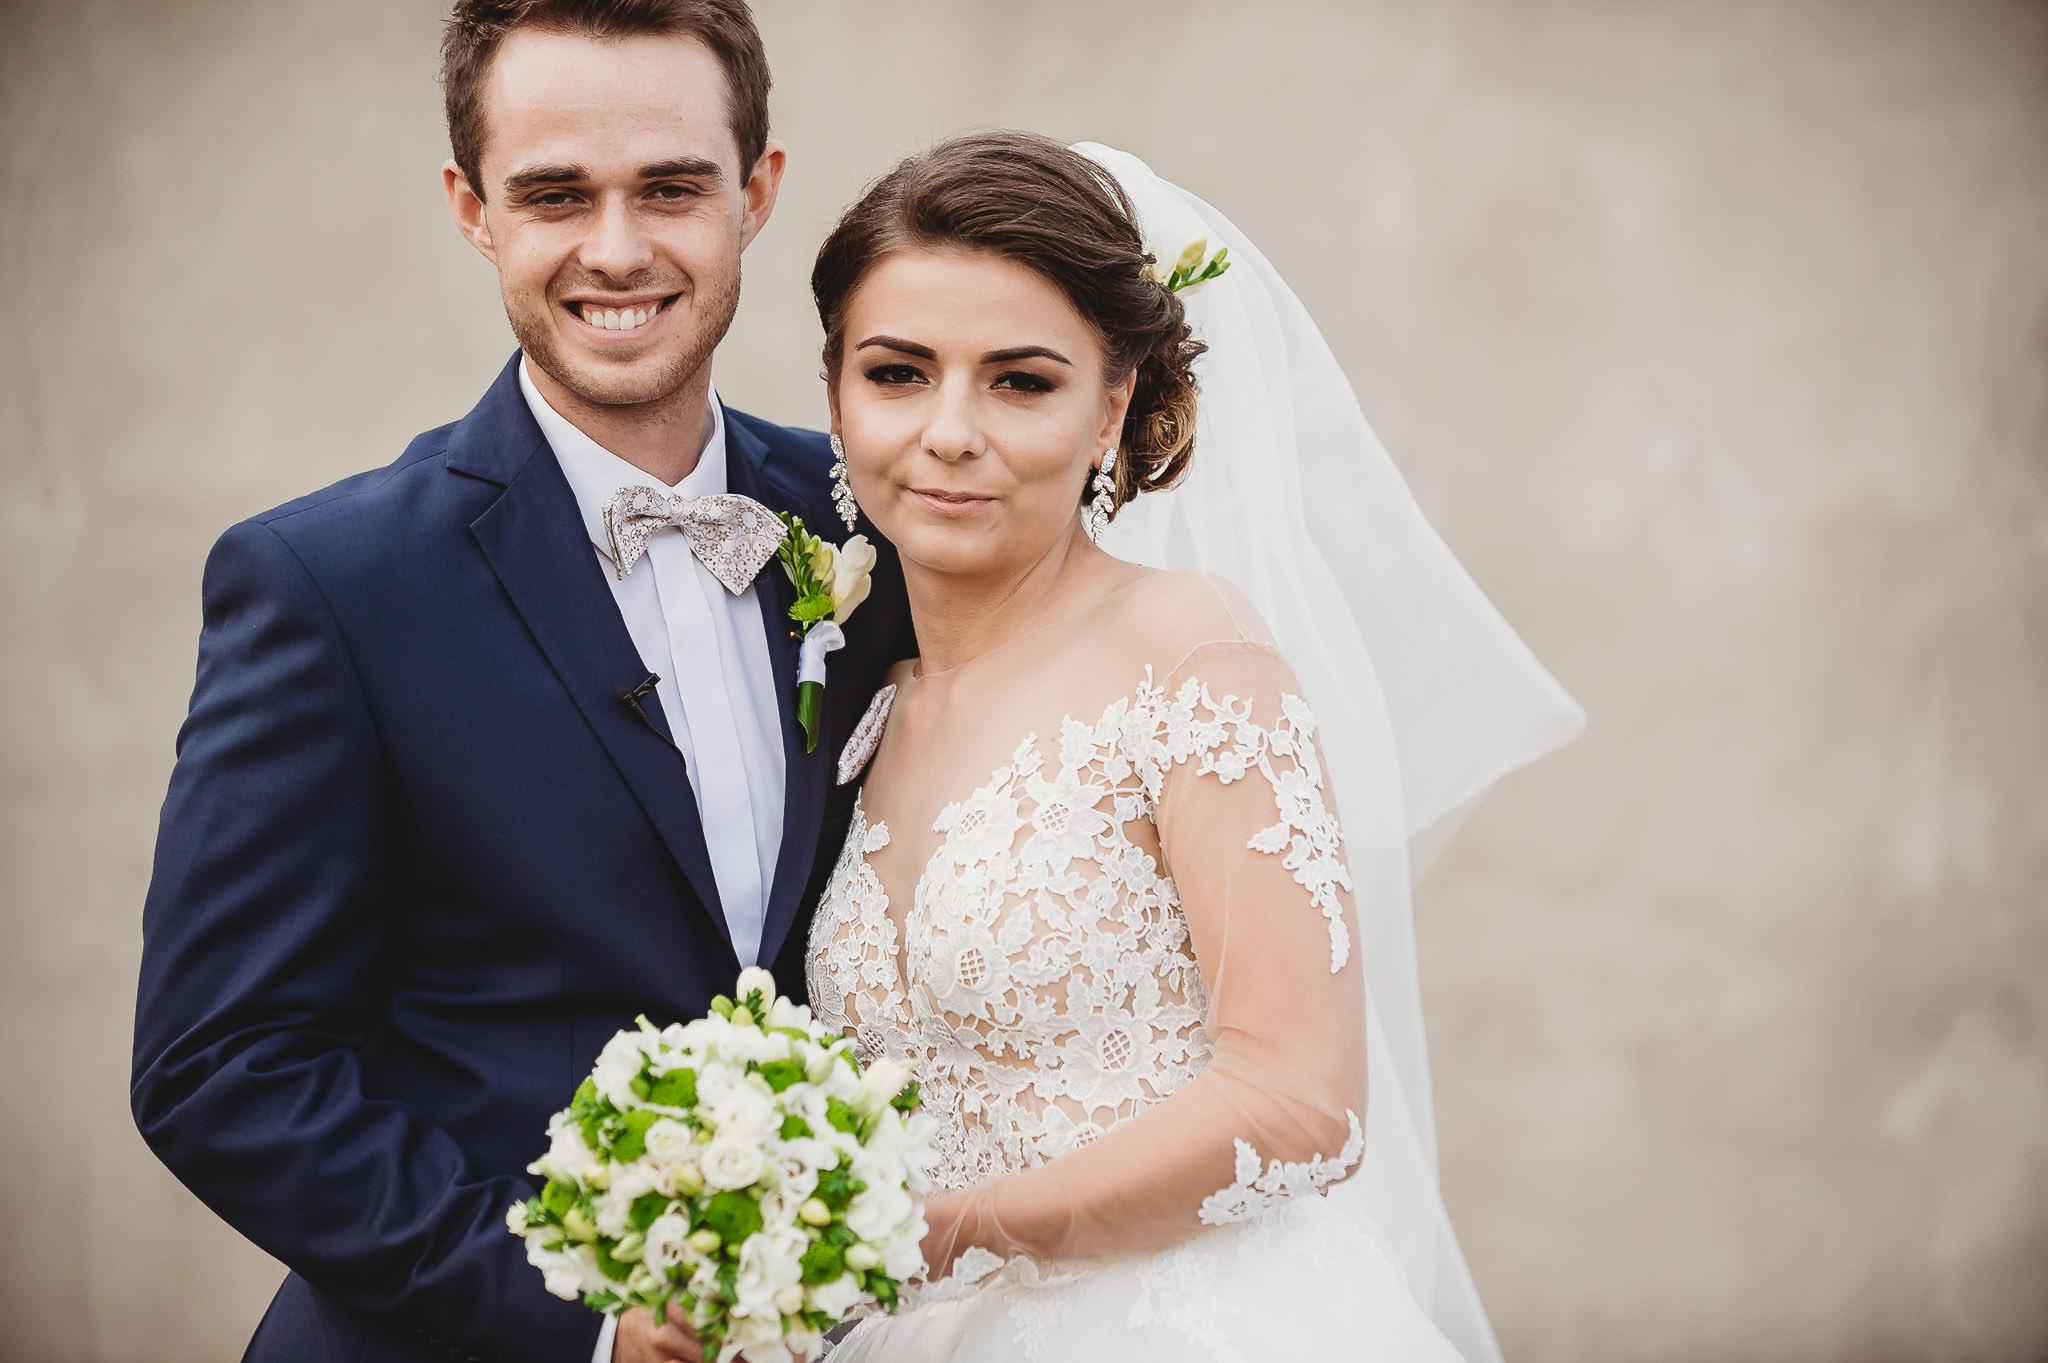 Angelika i Michał, piękne zdjęcia ślubne i sesja plenerowa w Gołuchowie 82